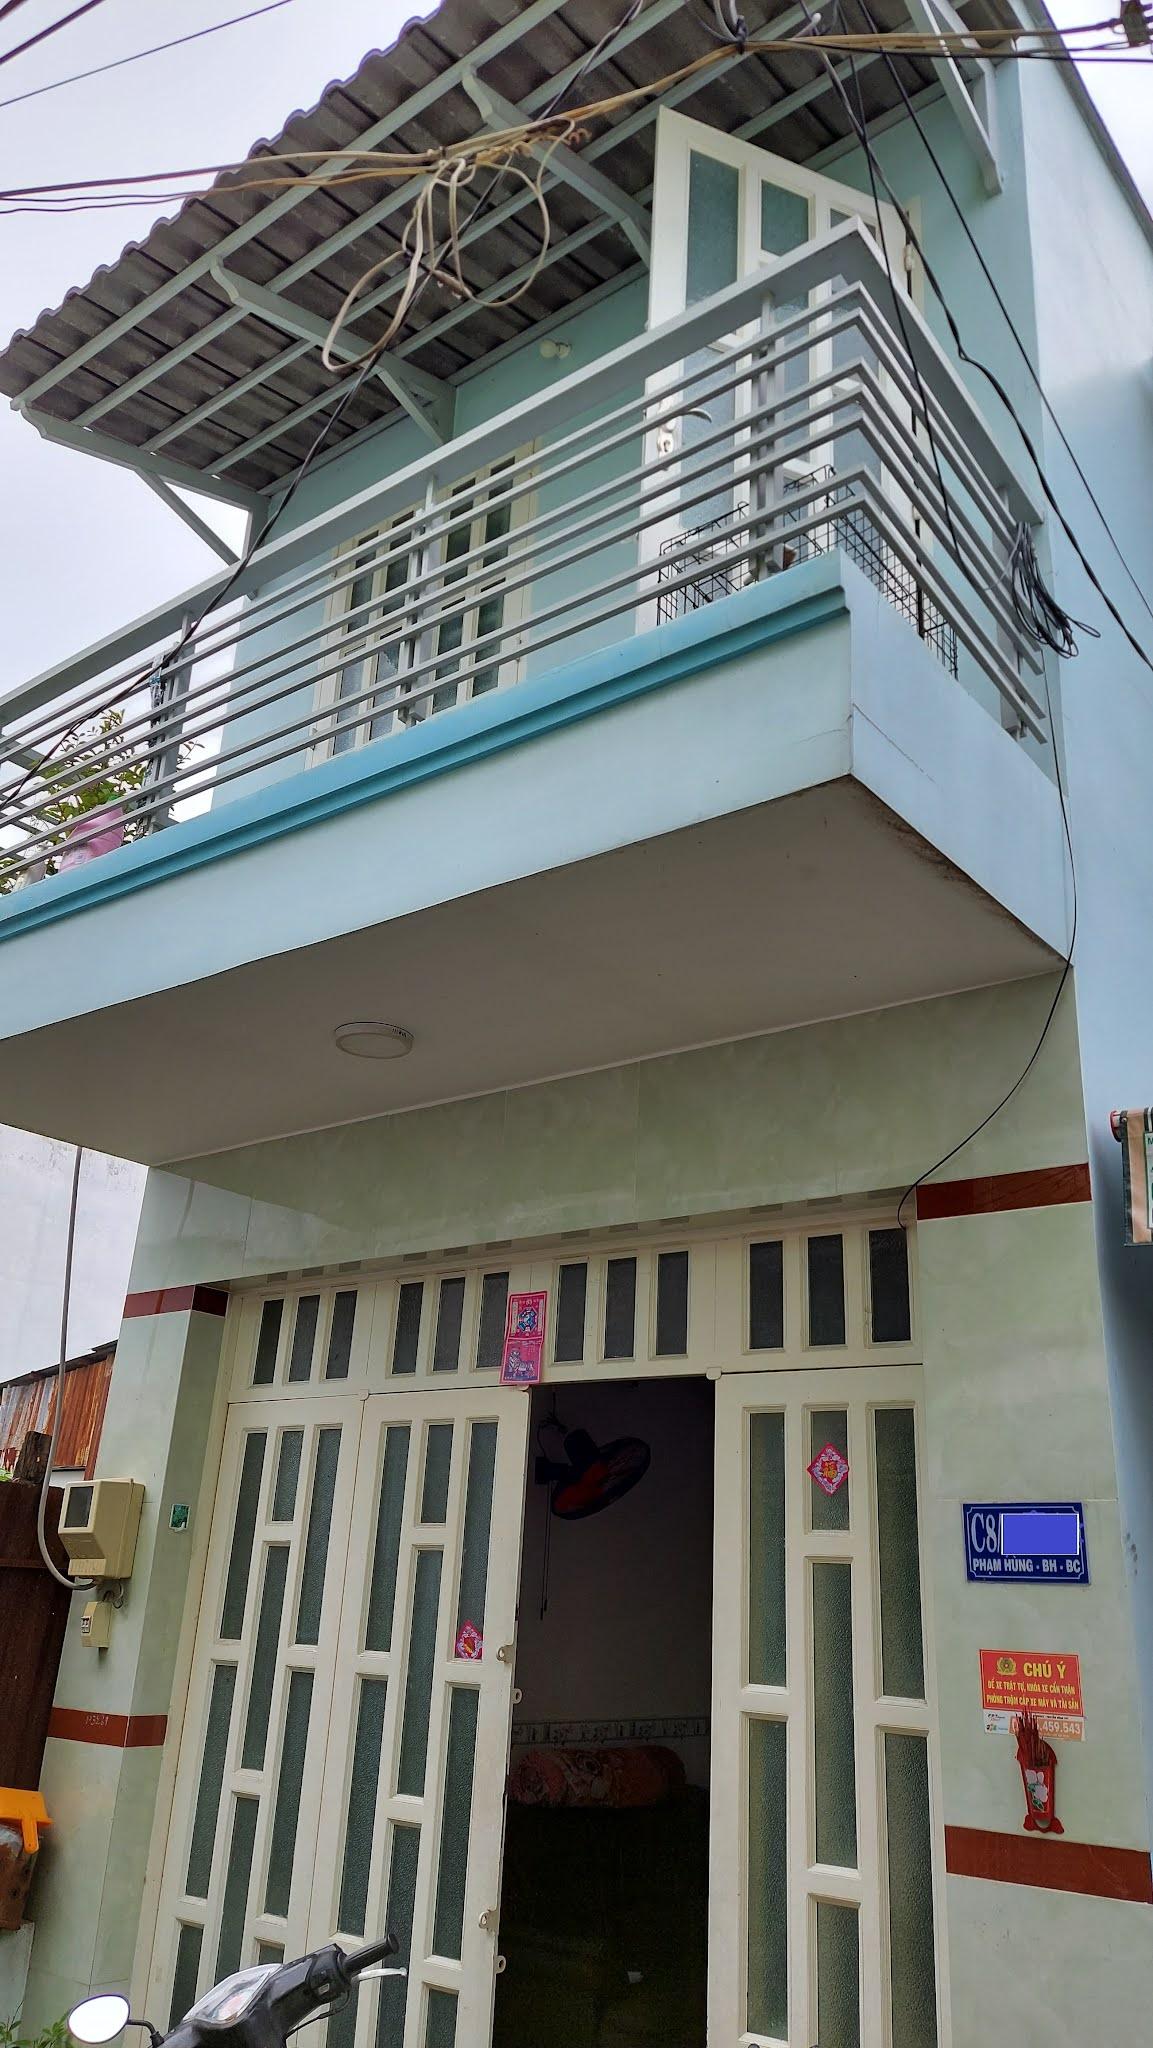 Bán nhà hẻm C8 Phạm Hùng Bình Chánh giá rẻ, gần ngã 4 Nguyễn Văn Linh